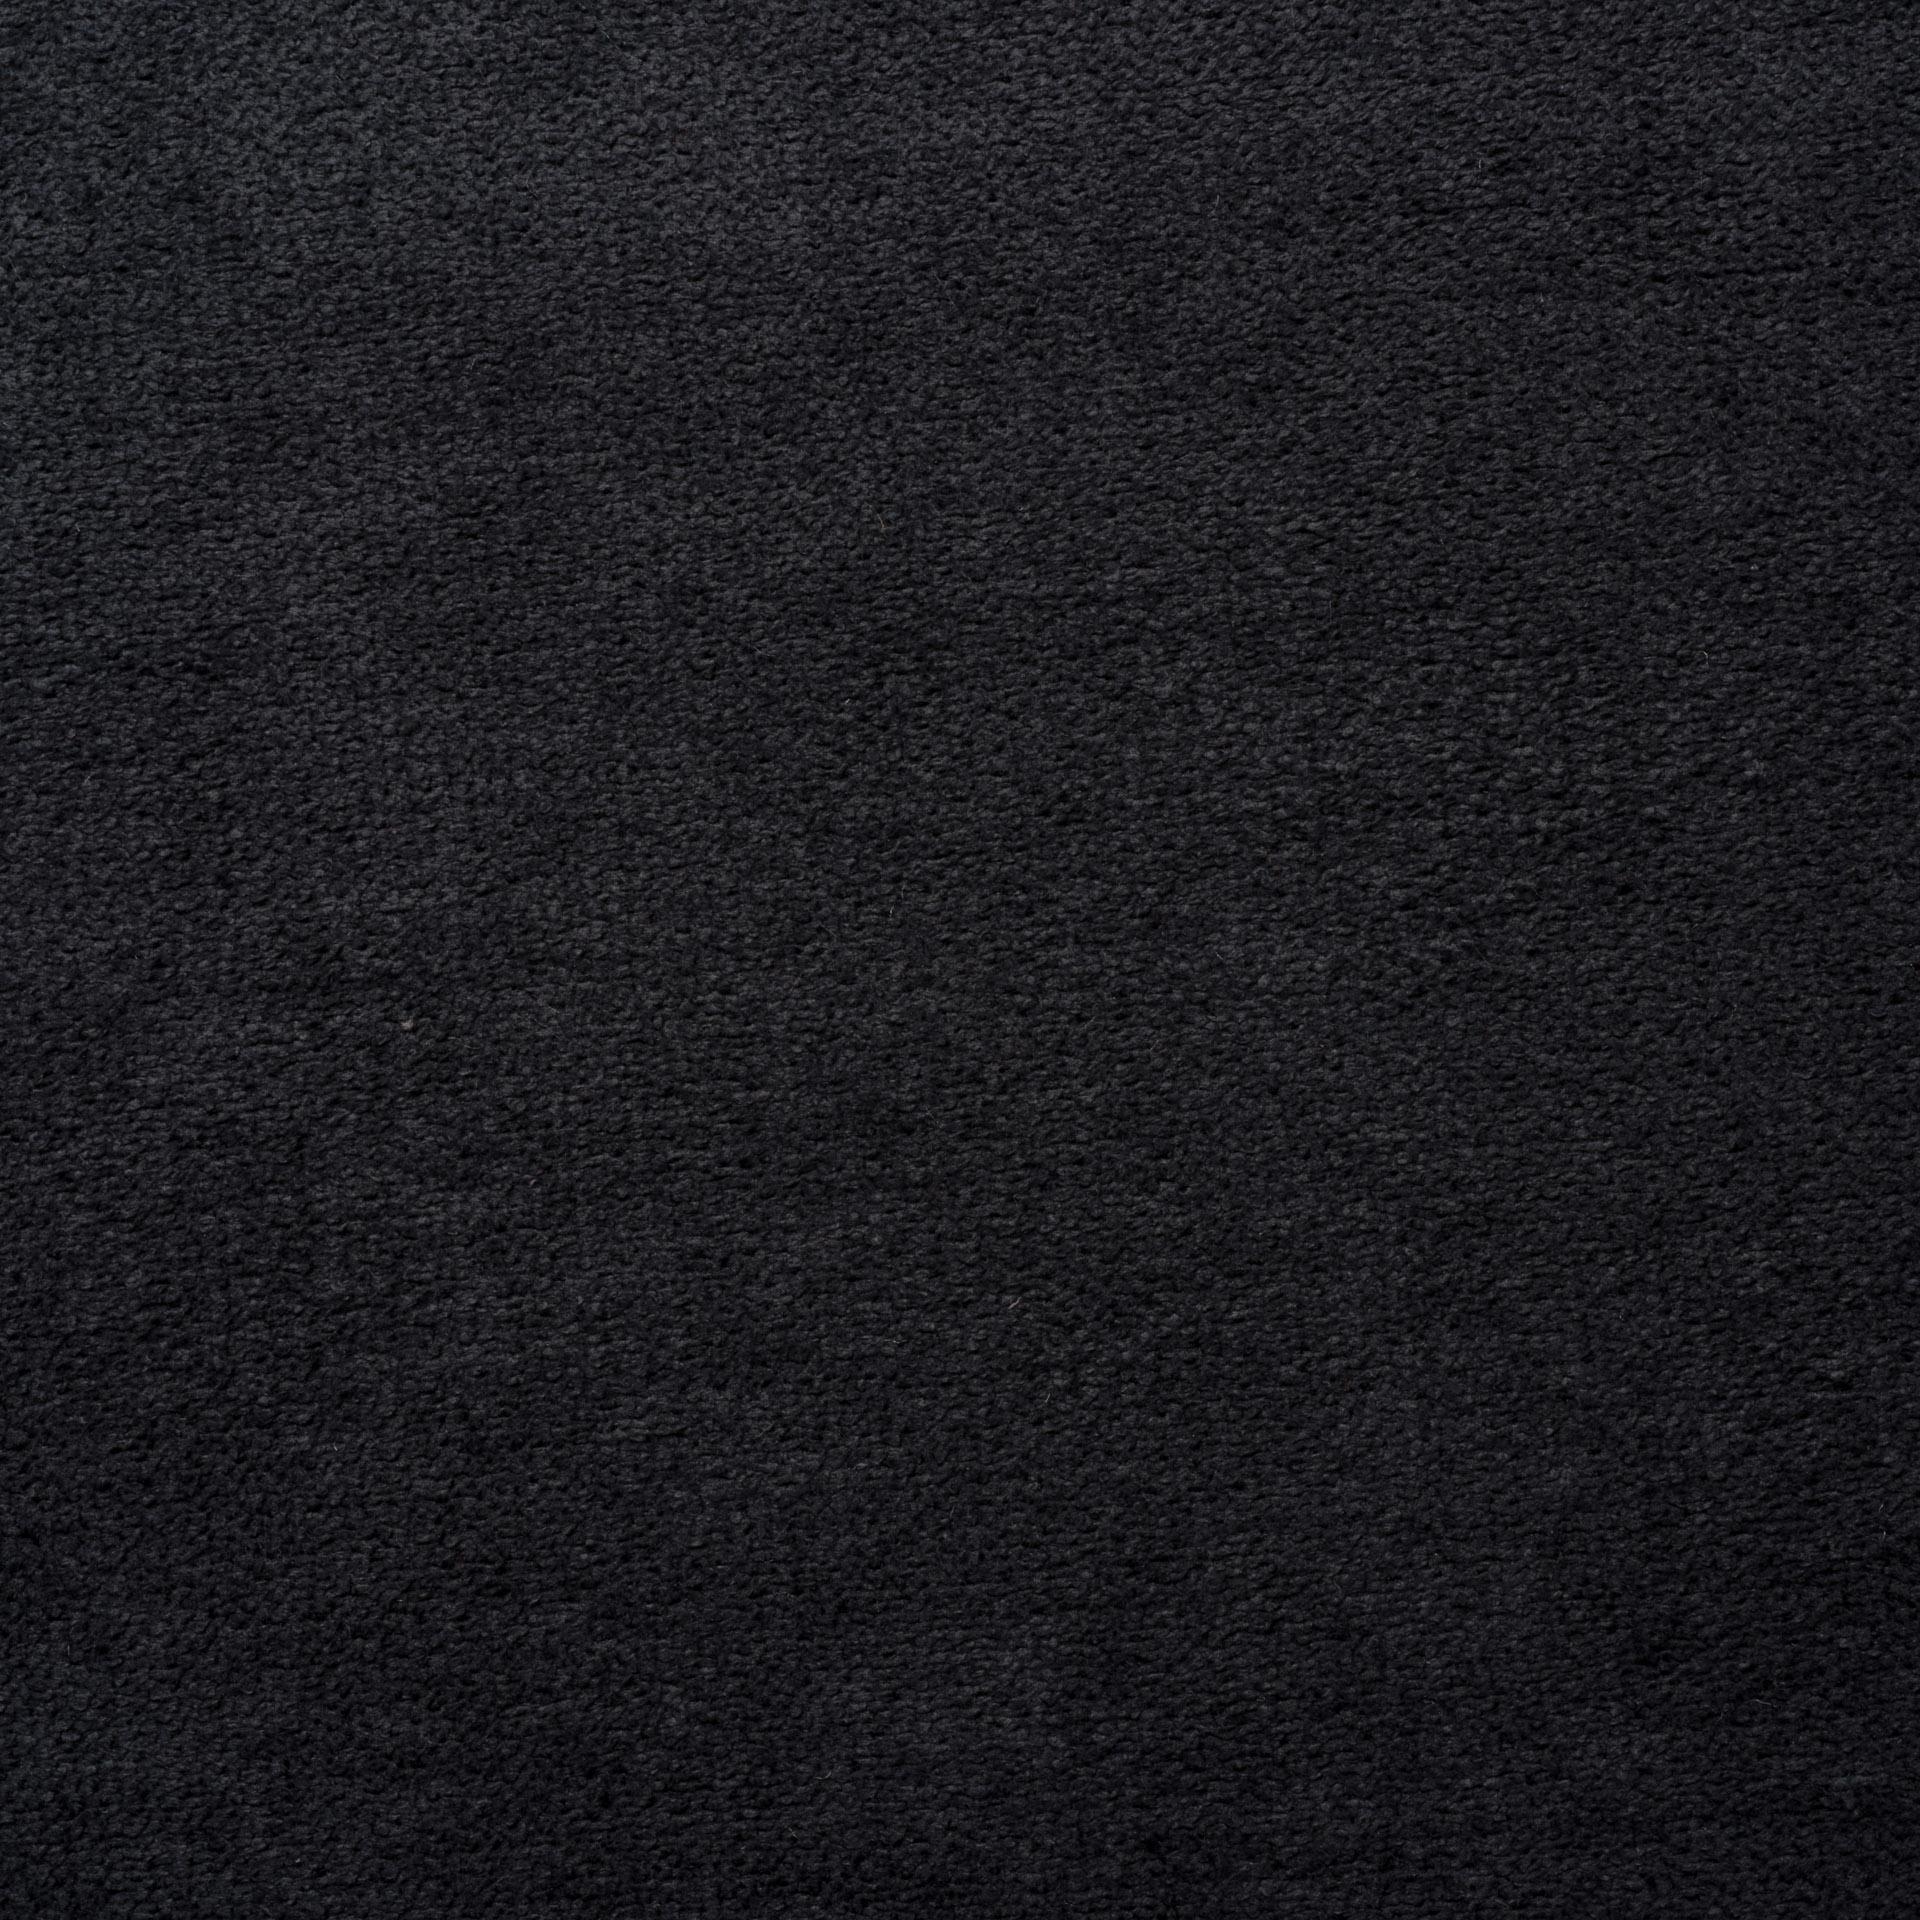 Коллекция ткани Аляска 10 TOTAL ECLIPSE,  купить ткань Жаккард для мебели Украина